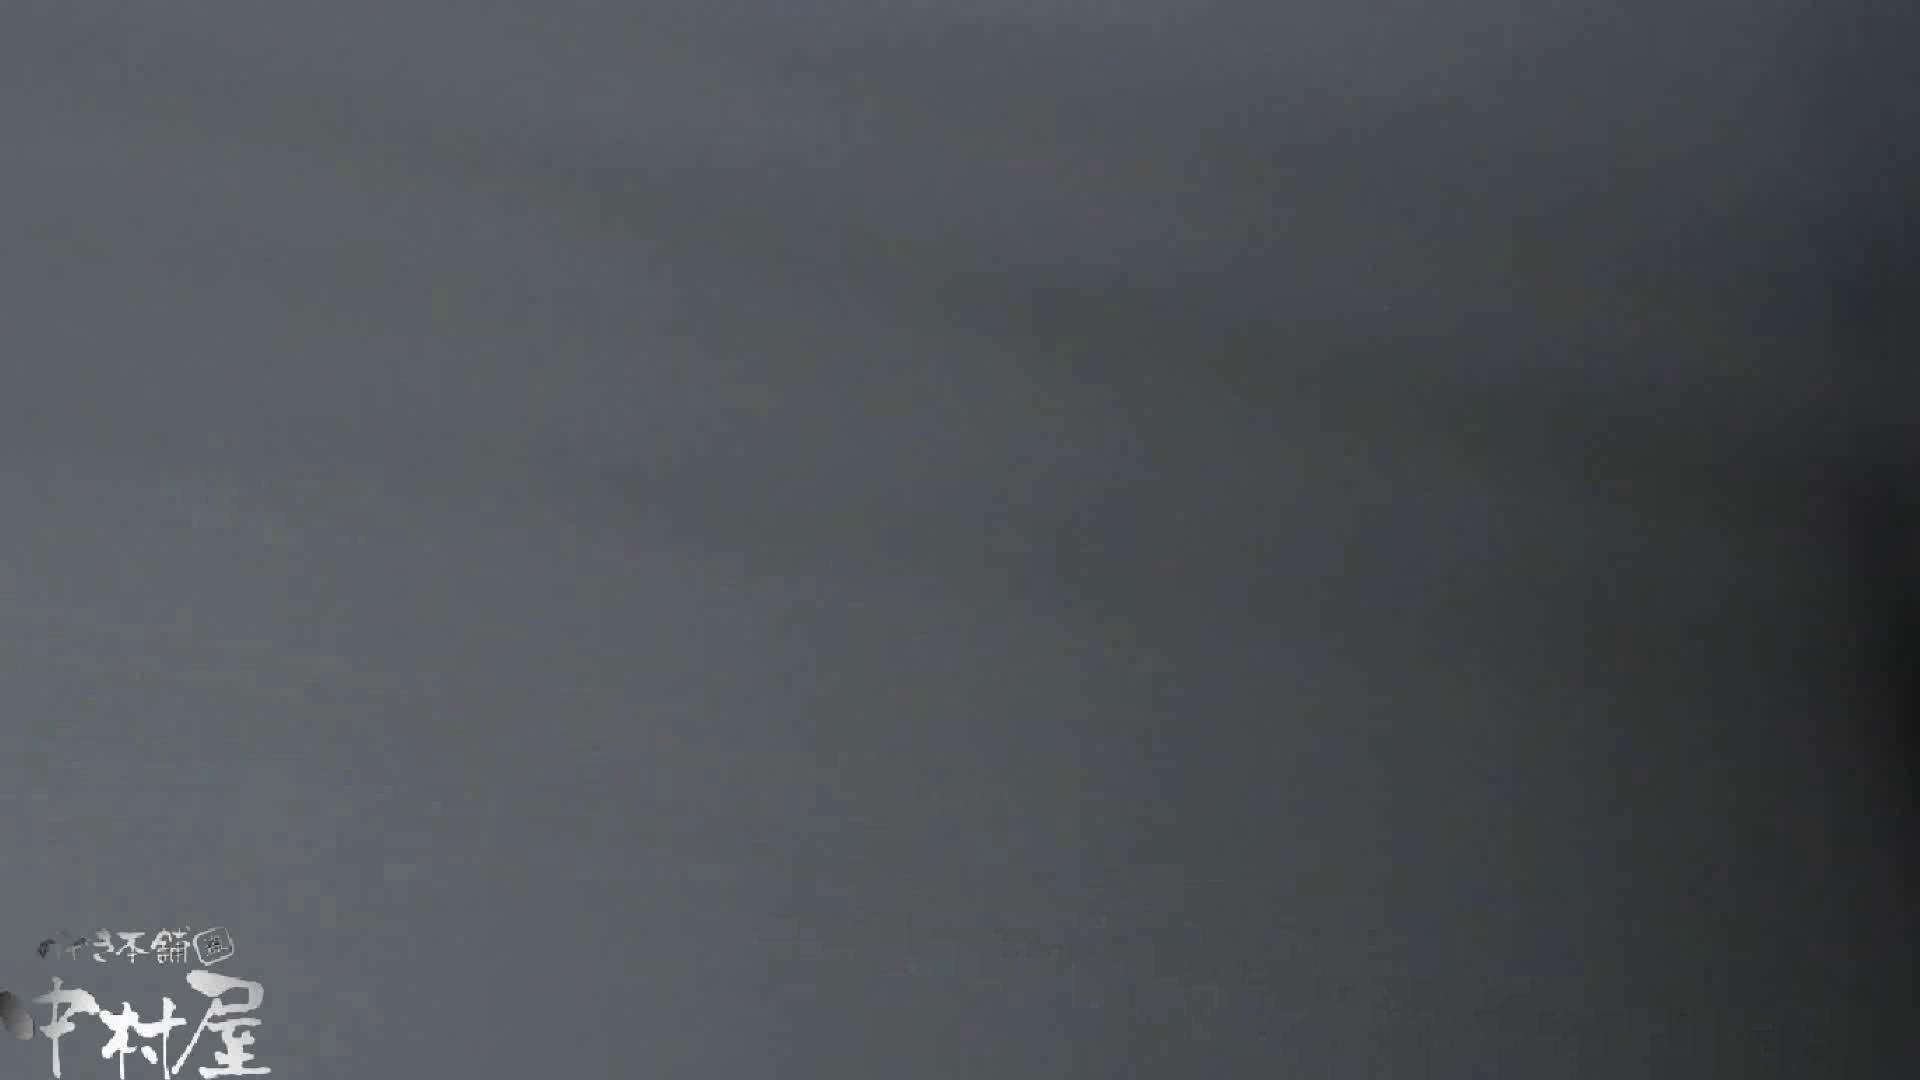 魂のかわや盗撮62連発! 脱肛お姉さん! 11発目! 盗撮 アダルト動画キャプチャ 102連発 14